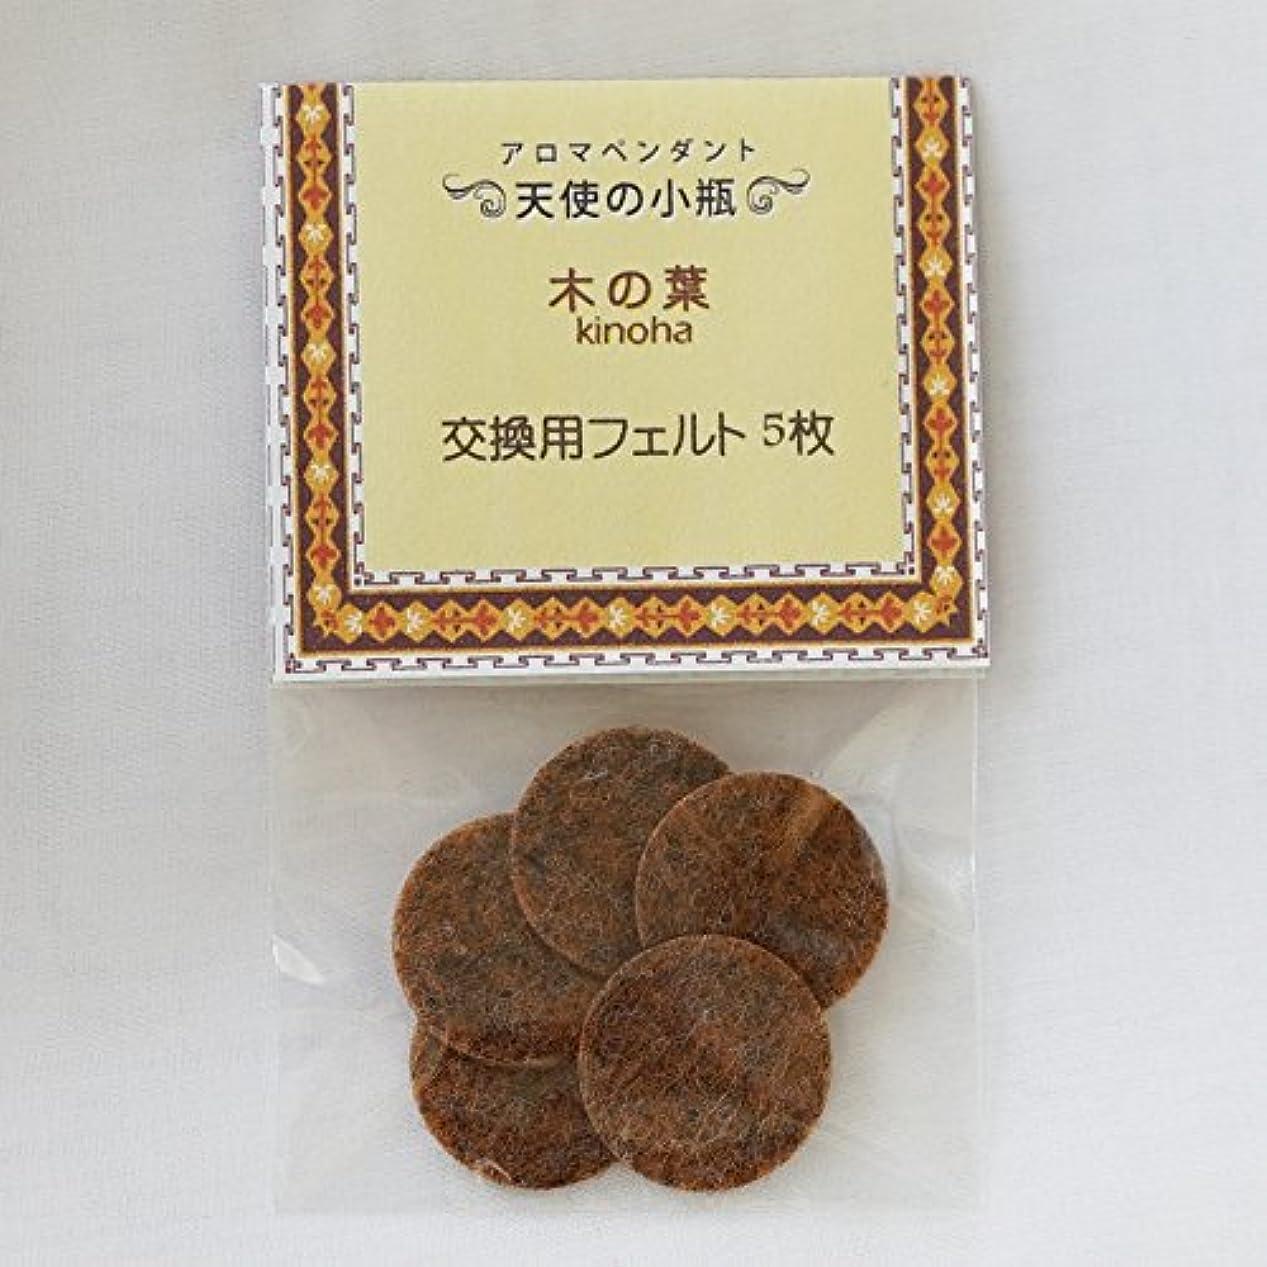 エンドテーブル野心的スピン【天使の小瓶】 木の葉(ゴールド)交換用フェルト5枚